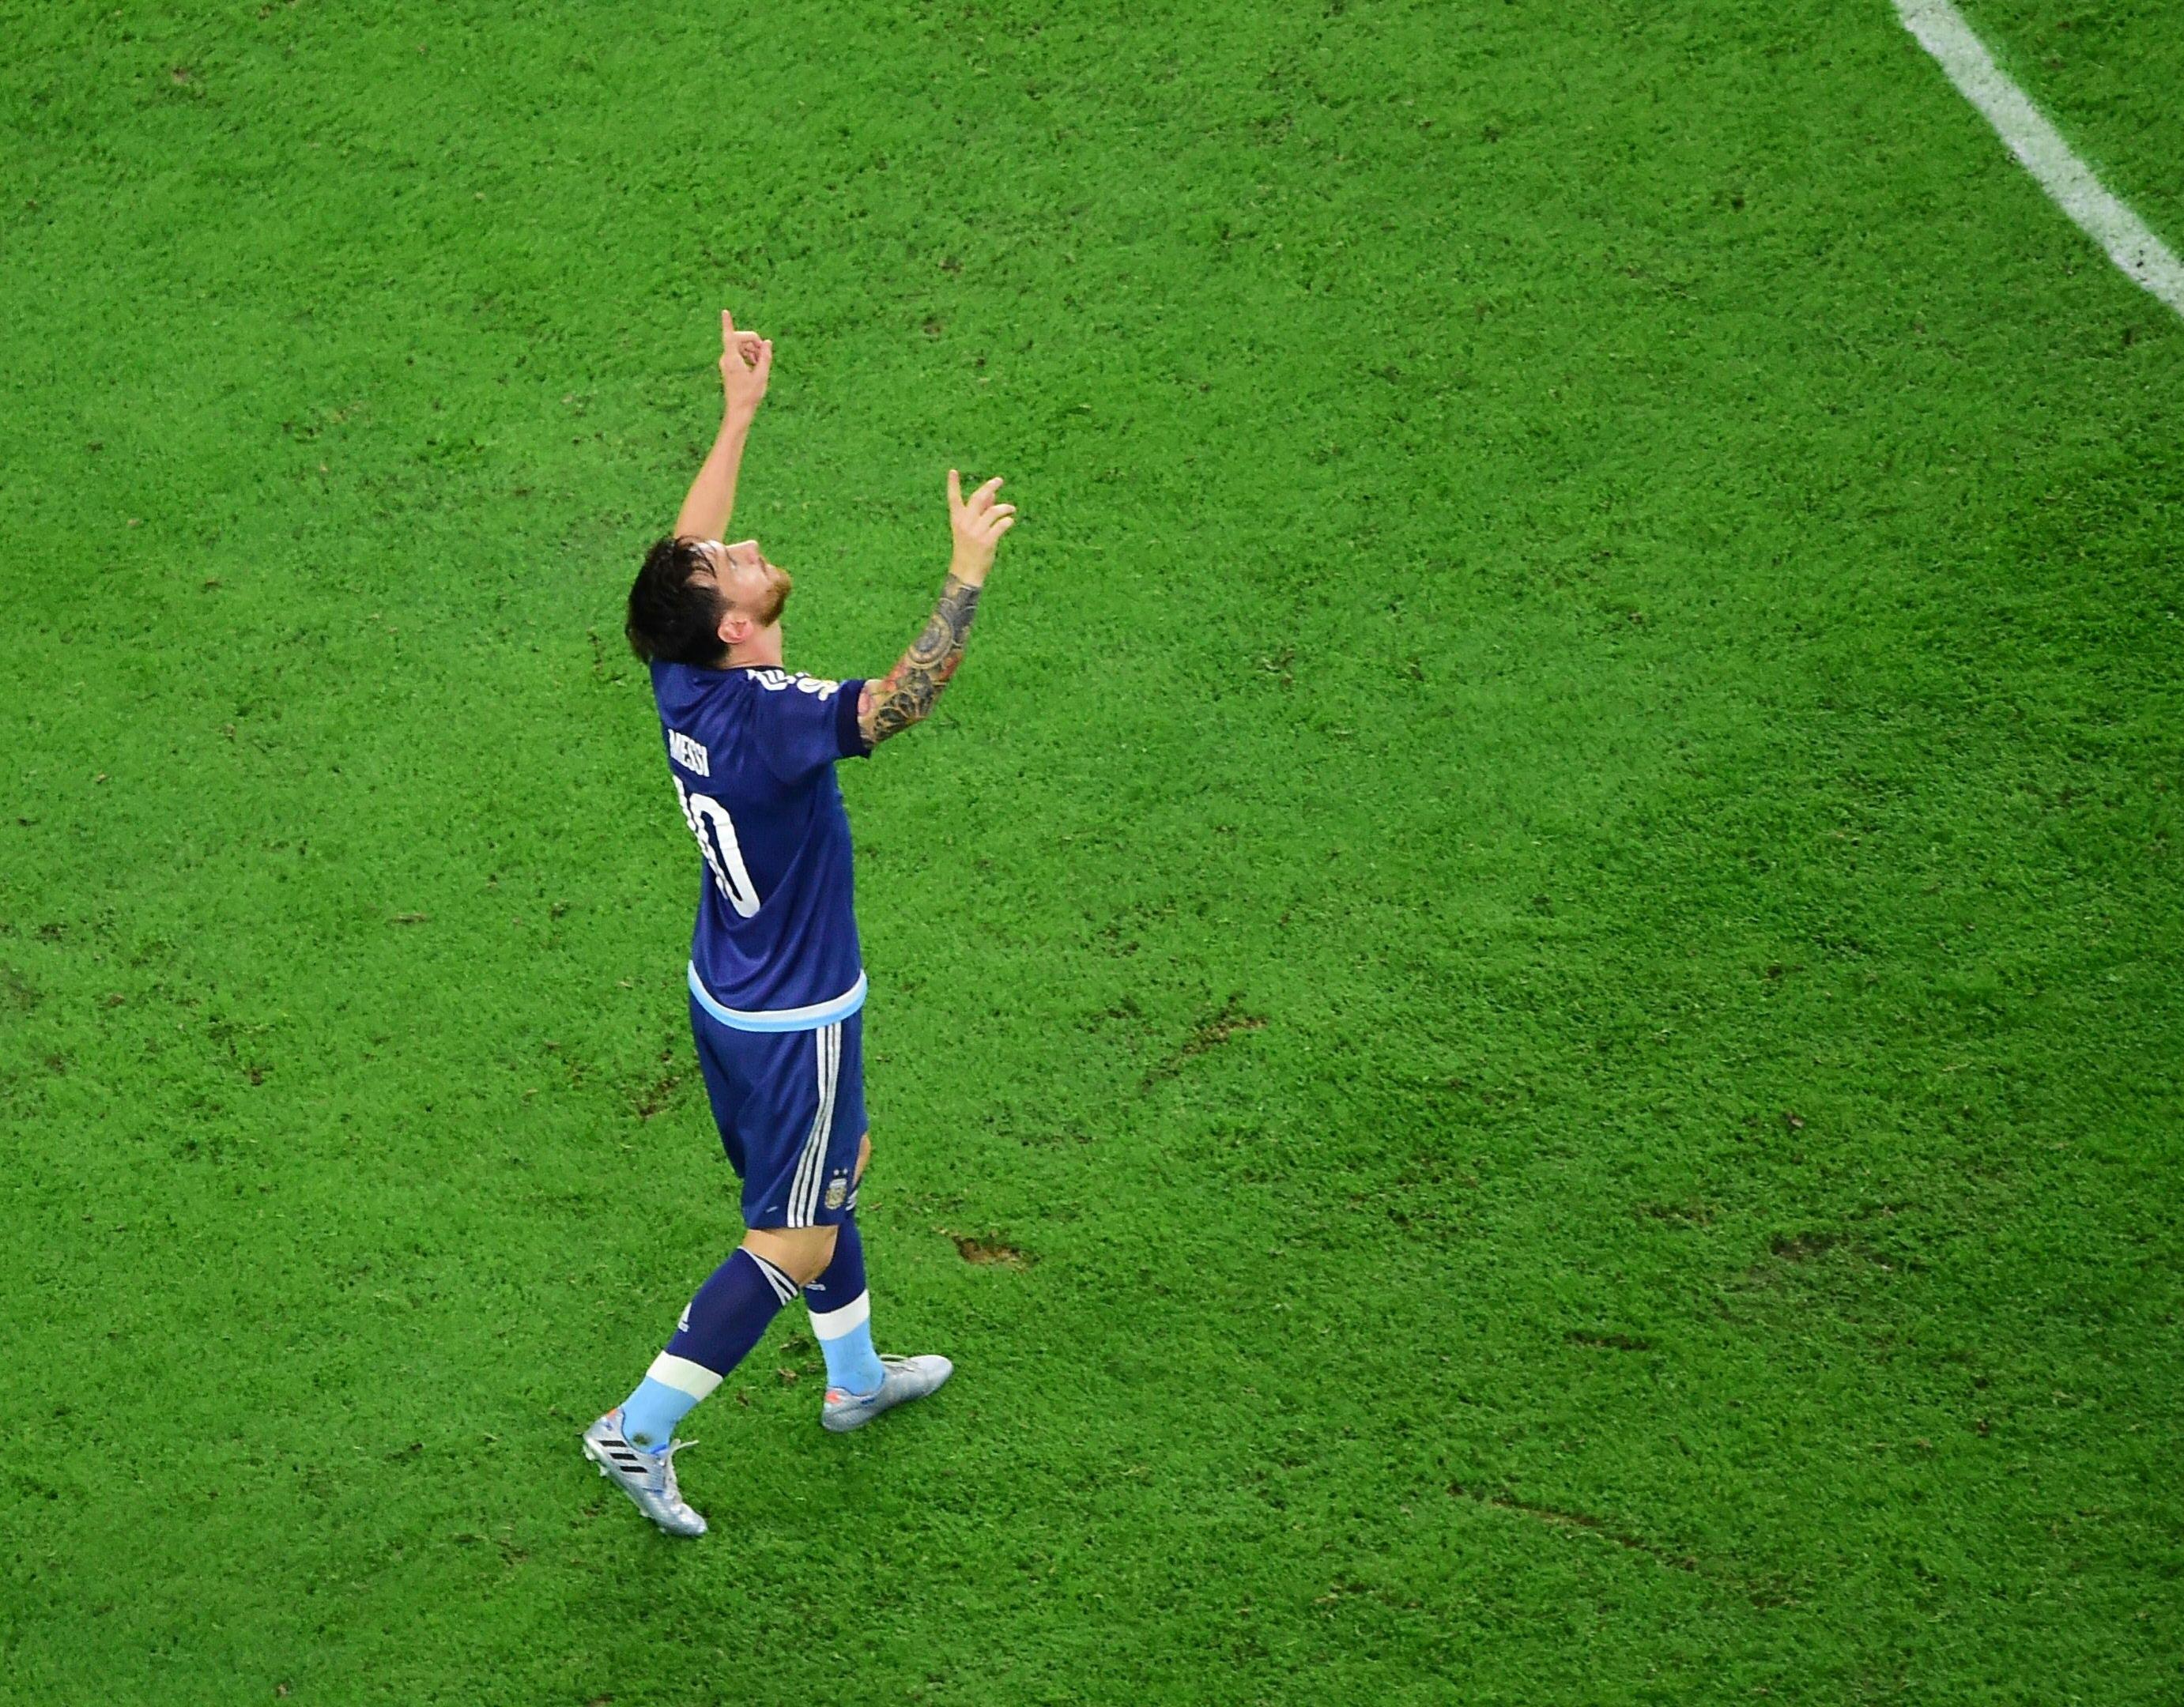 L'astuce de Messi pour éviter le problème des pelouses